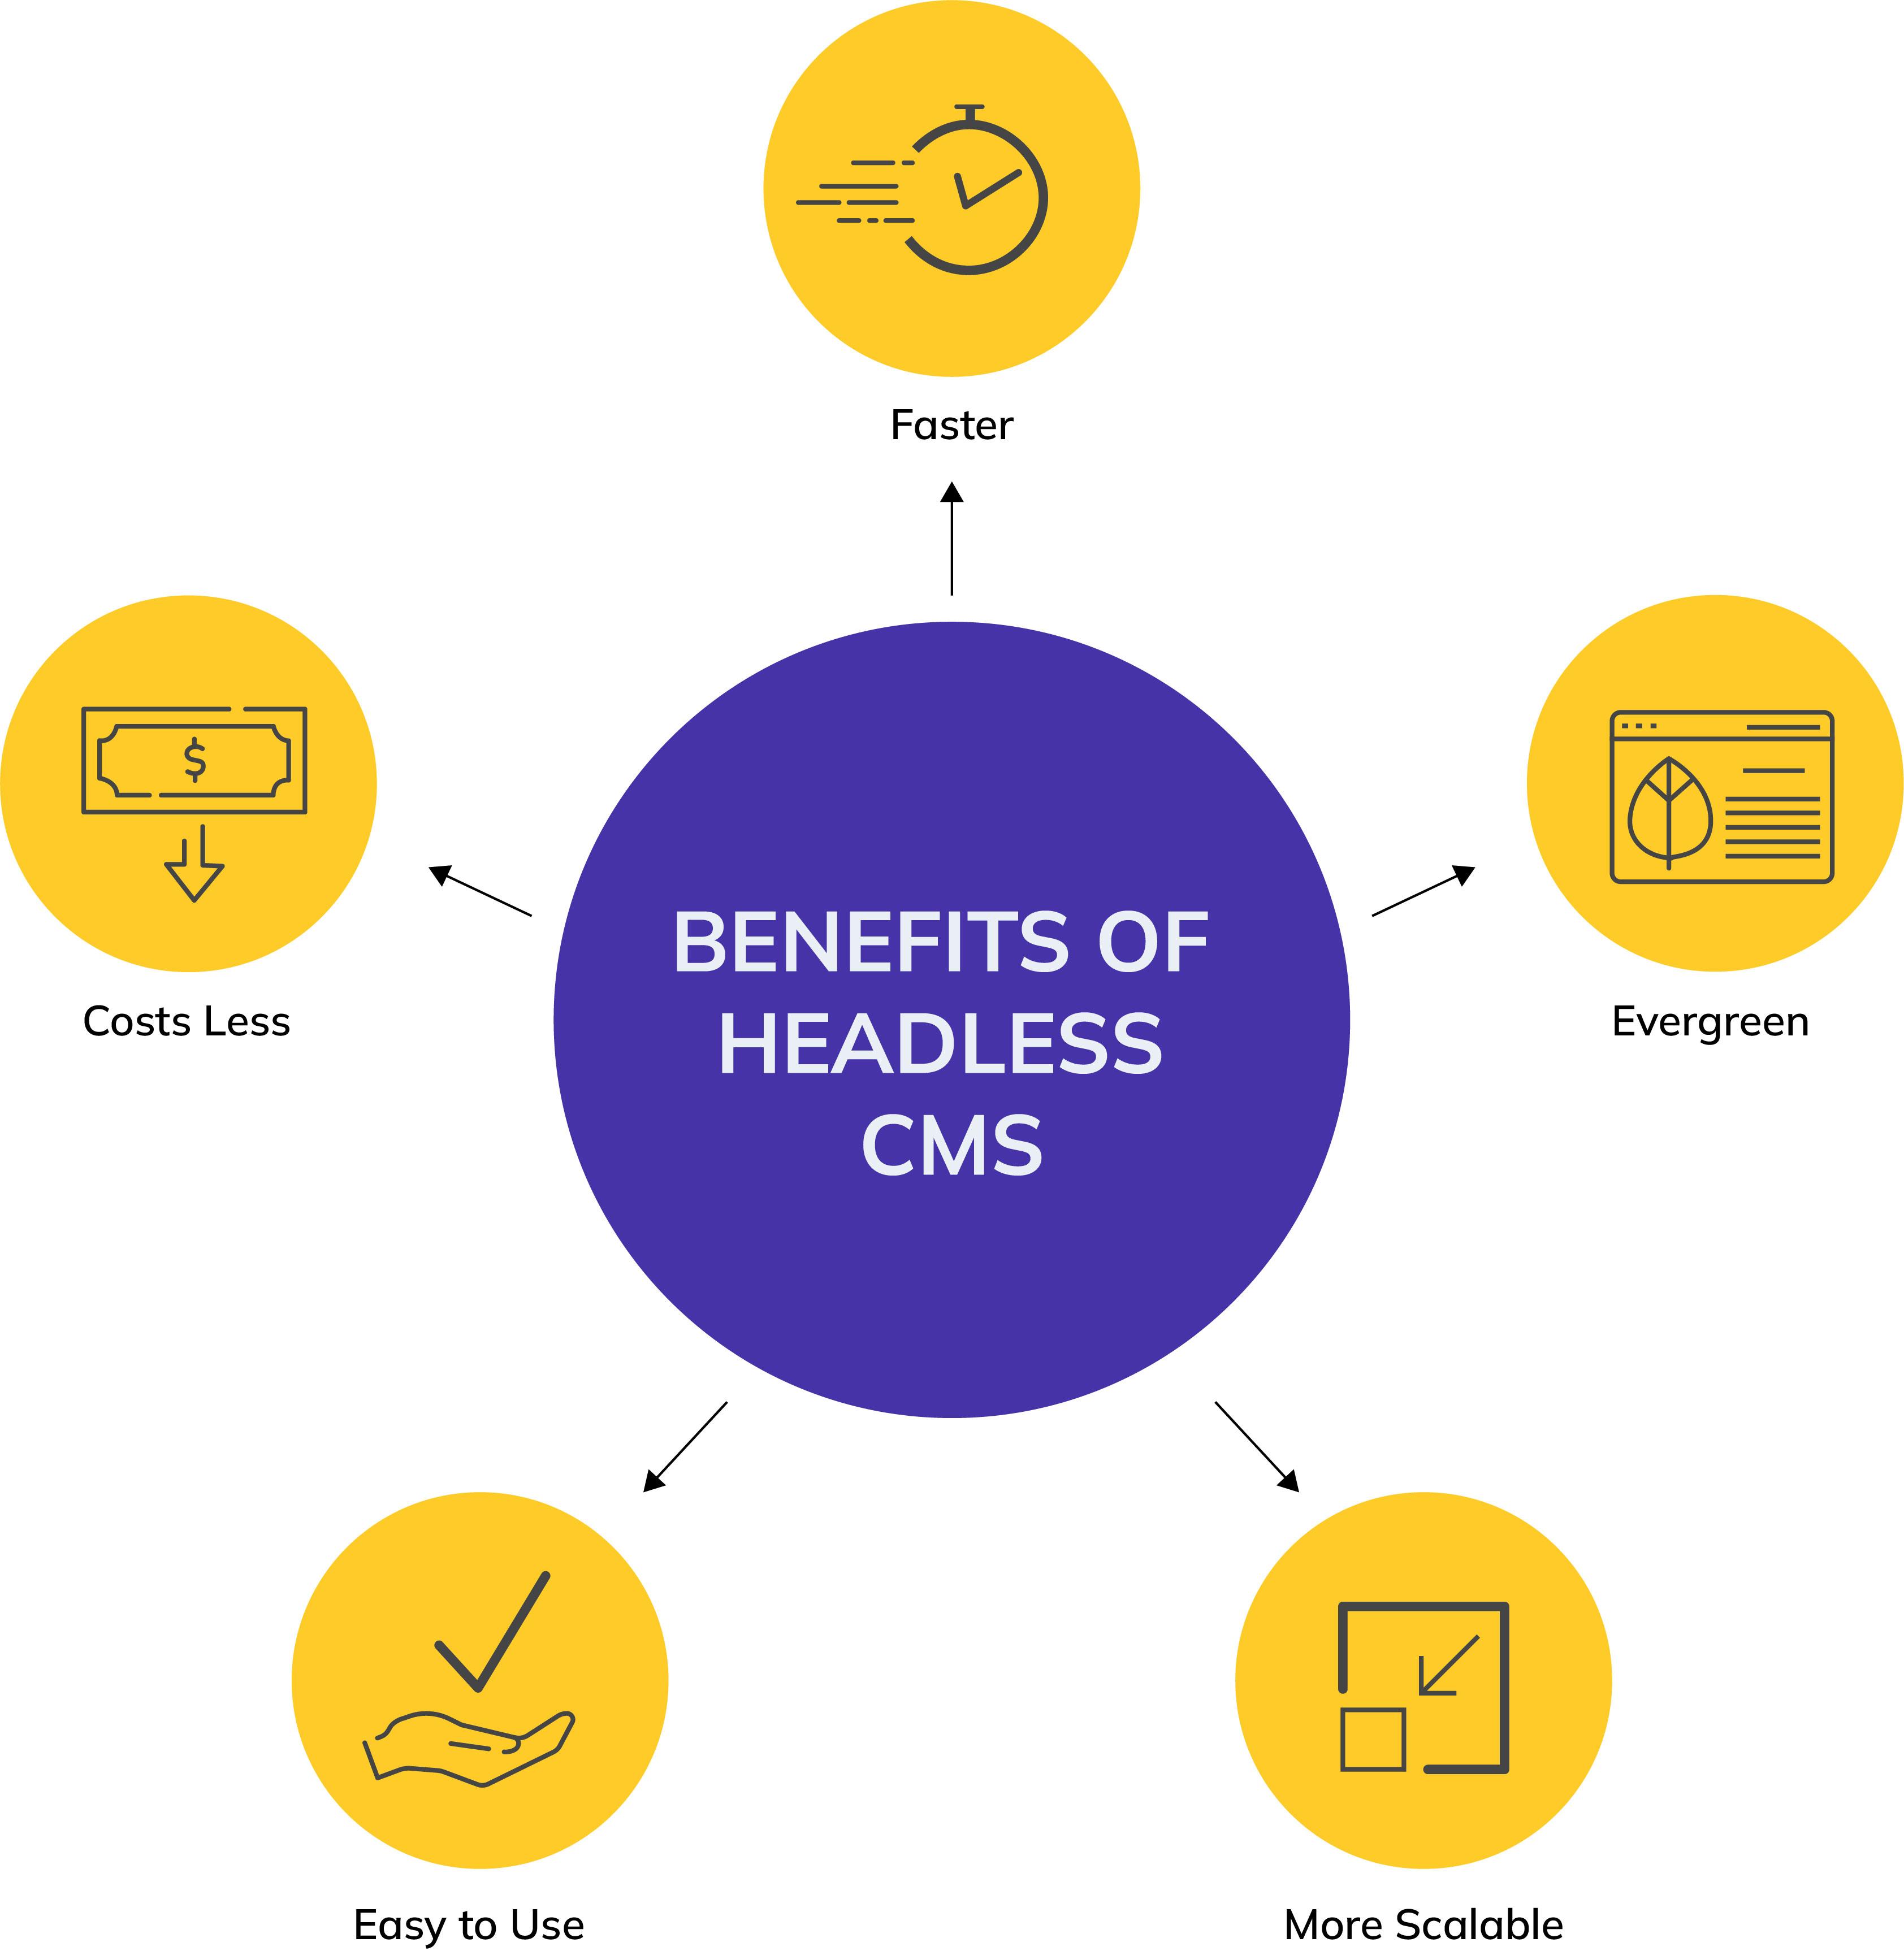 Why to use a headless cms on agilitycms.com